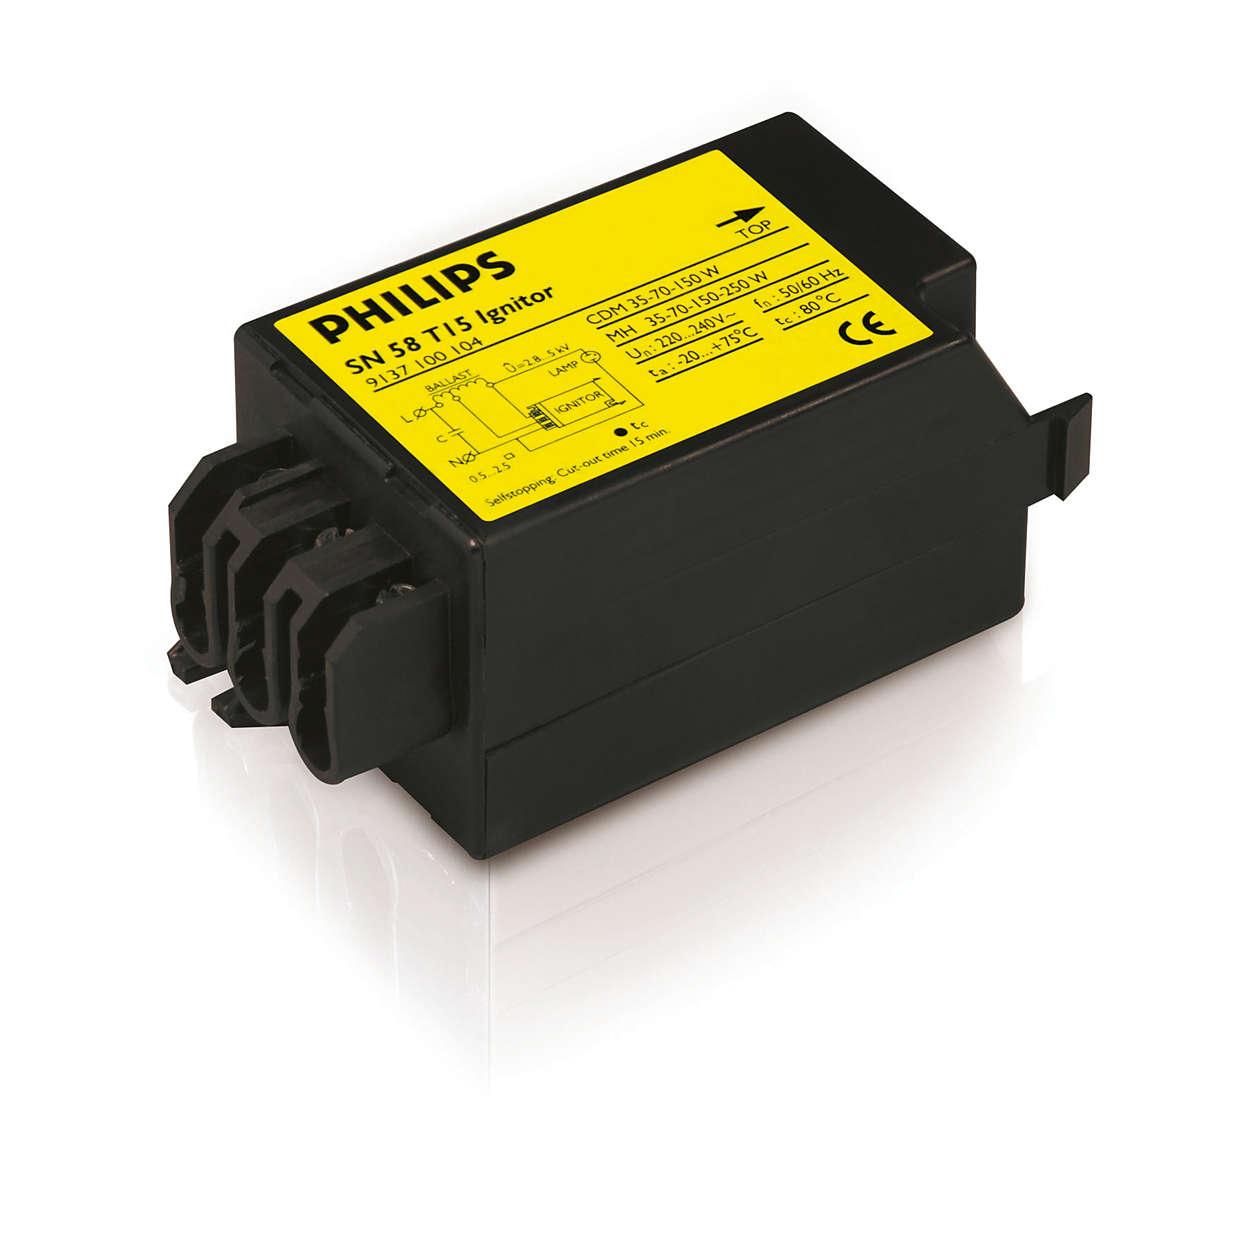 用于HID灯电路的电子点火器